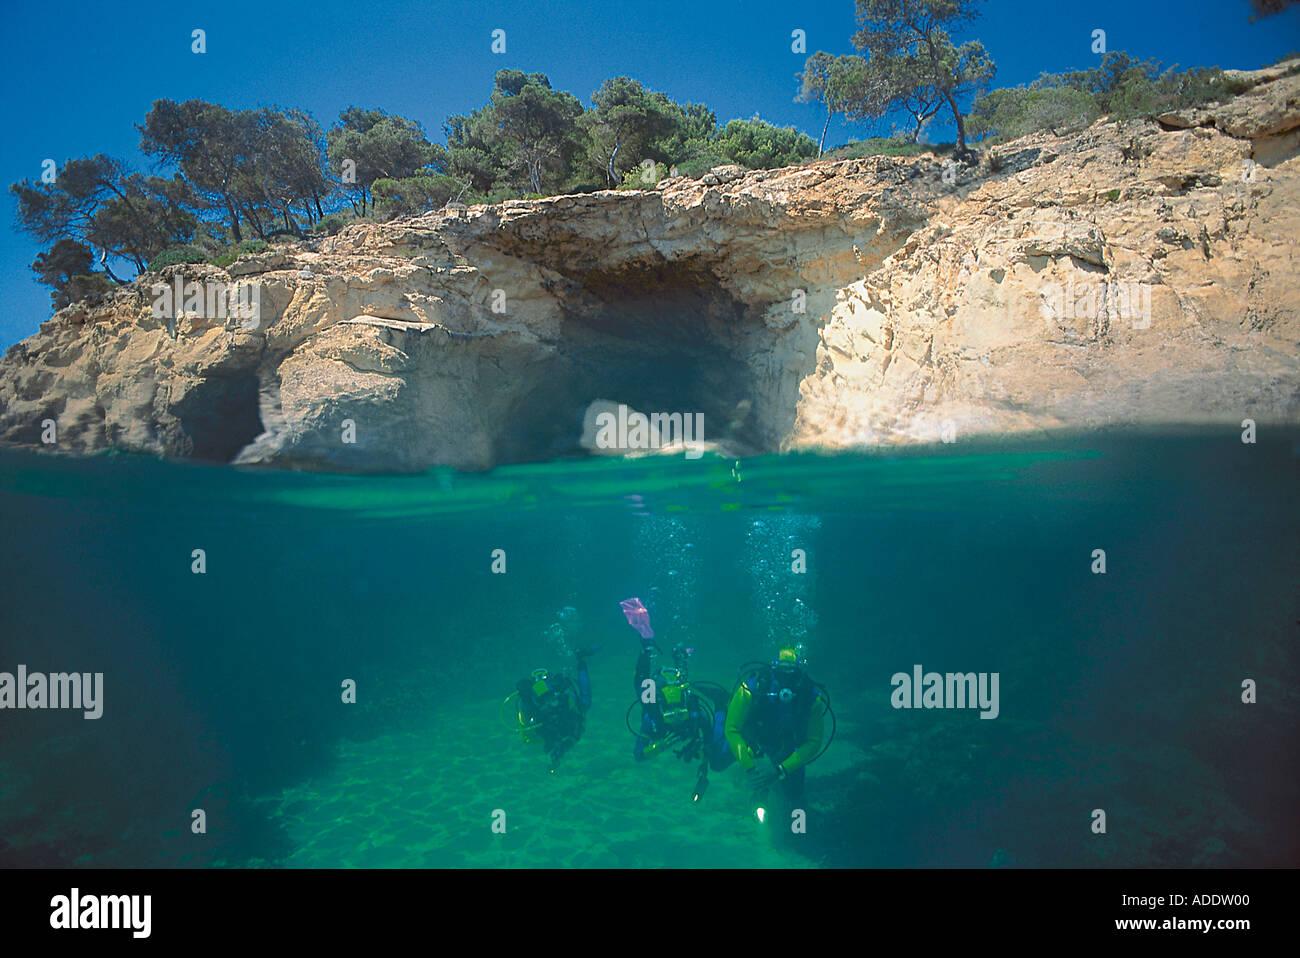 Tauchen in einer Bucht, Mallorca, Balearen Spanien - Stock Image